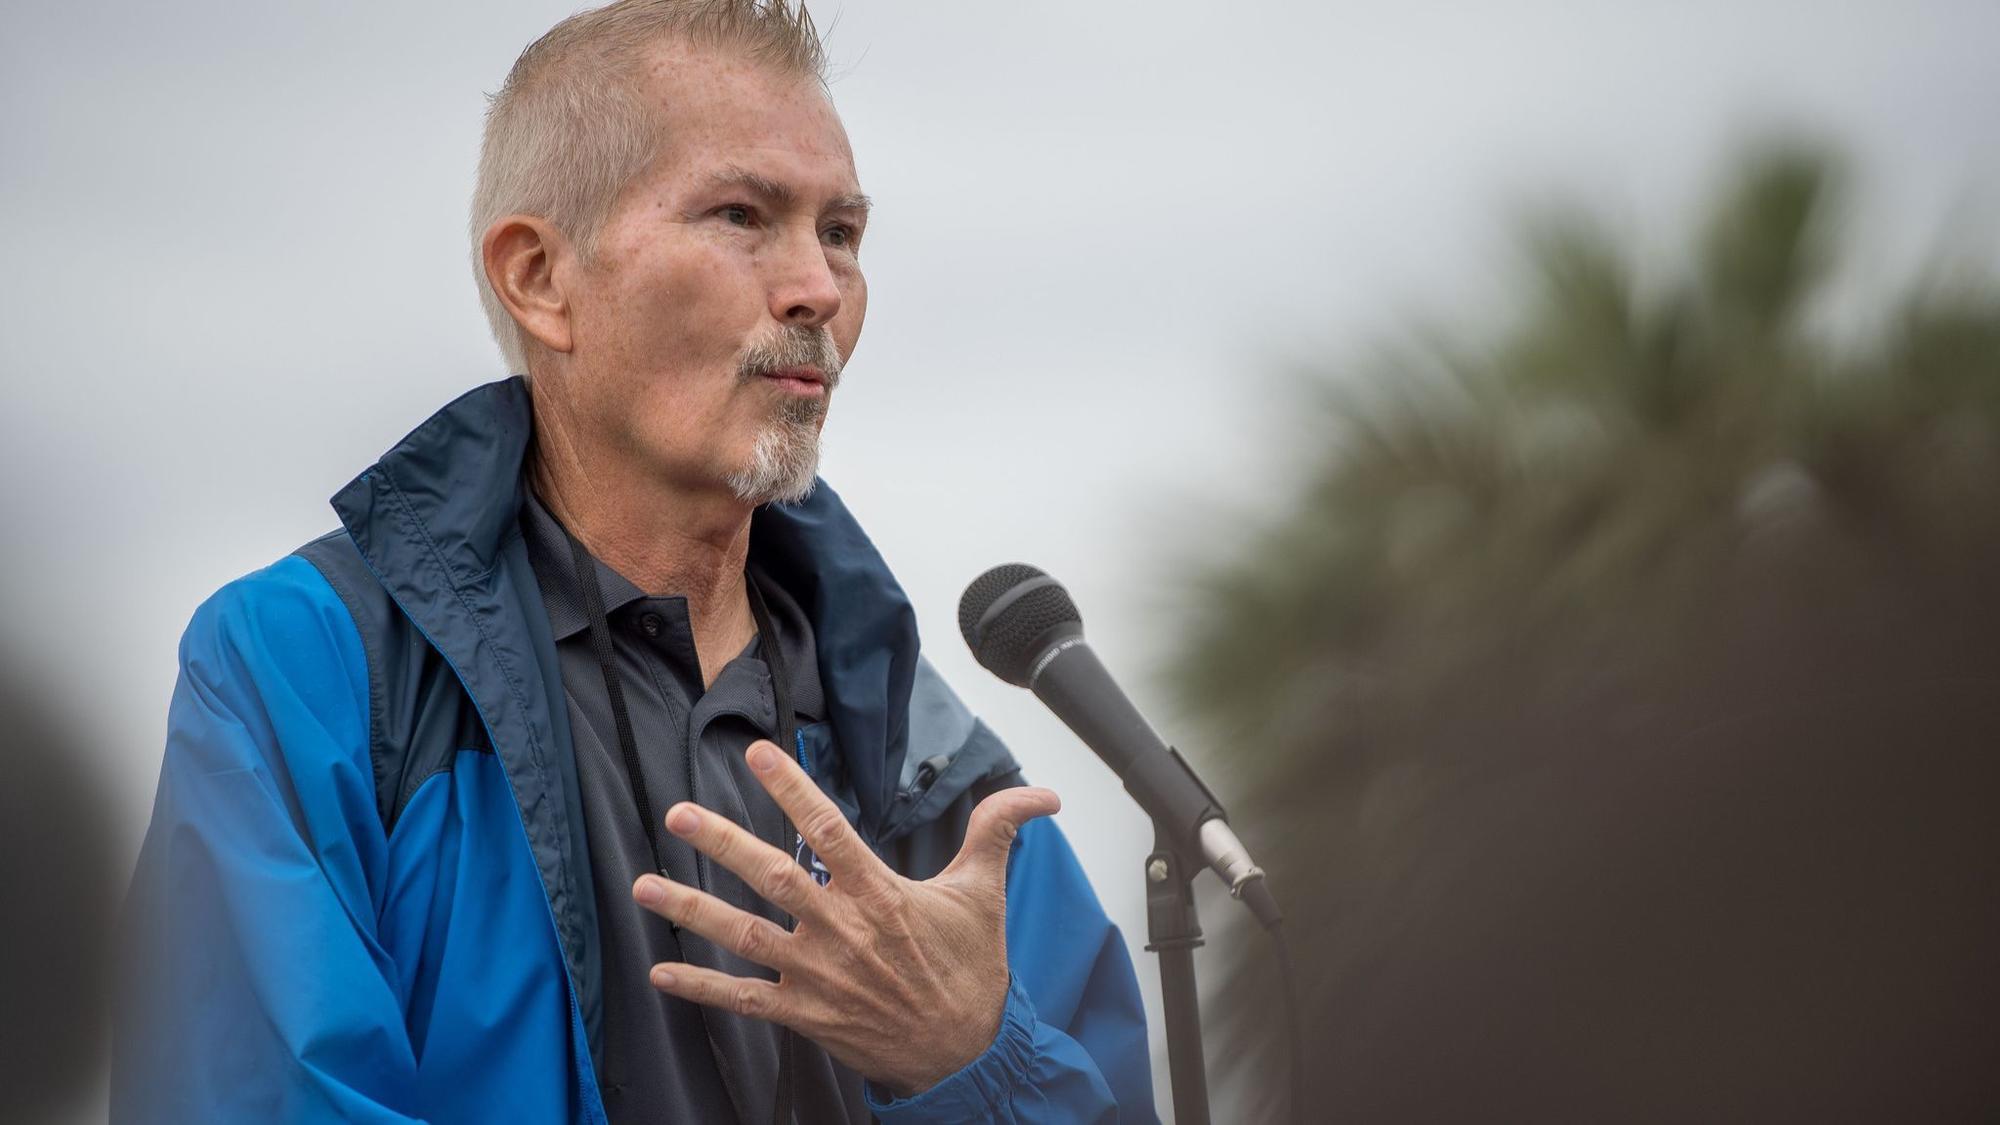 Broward To Review Claims That Stoneman Douglas Teacher